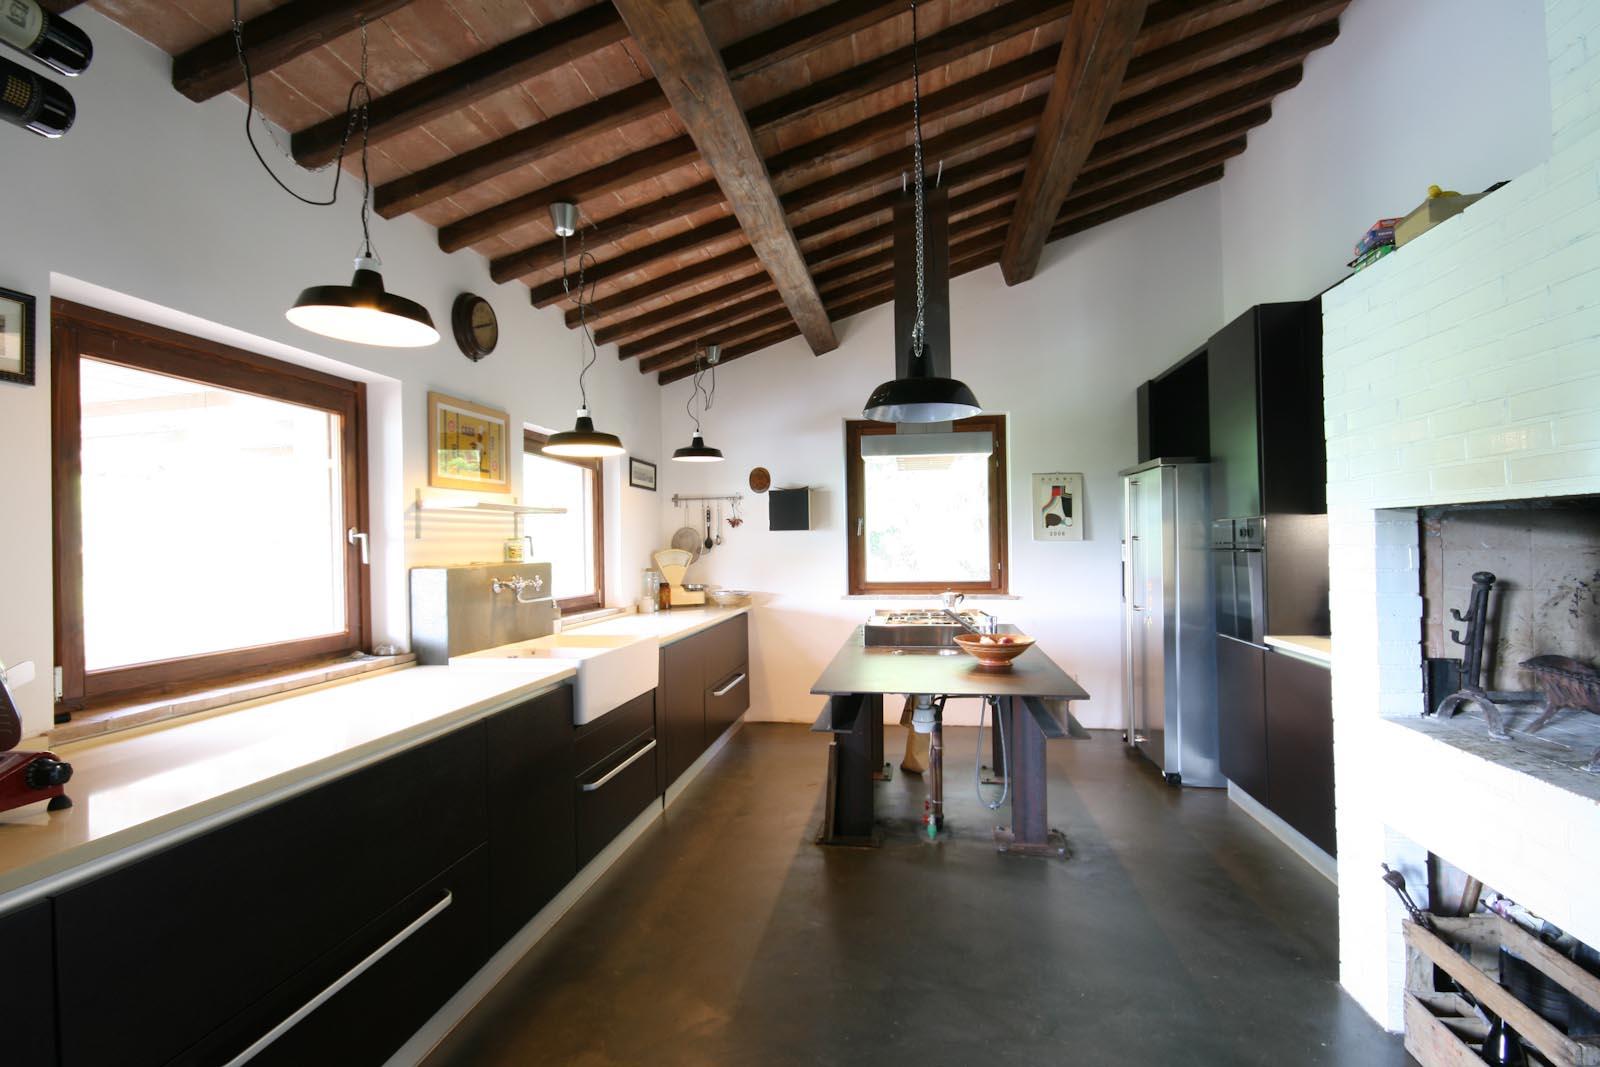 Interni cucine moderne di cucine moderne e country arredatore o arredatori per interni cucine for Arredatori di interni